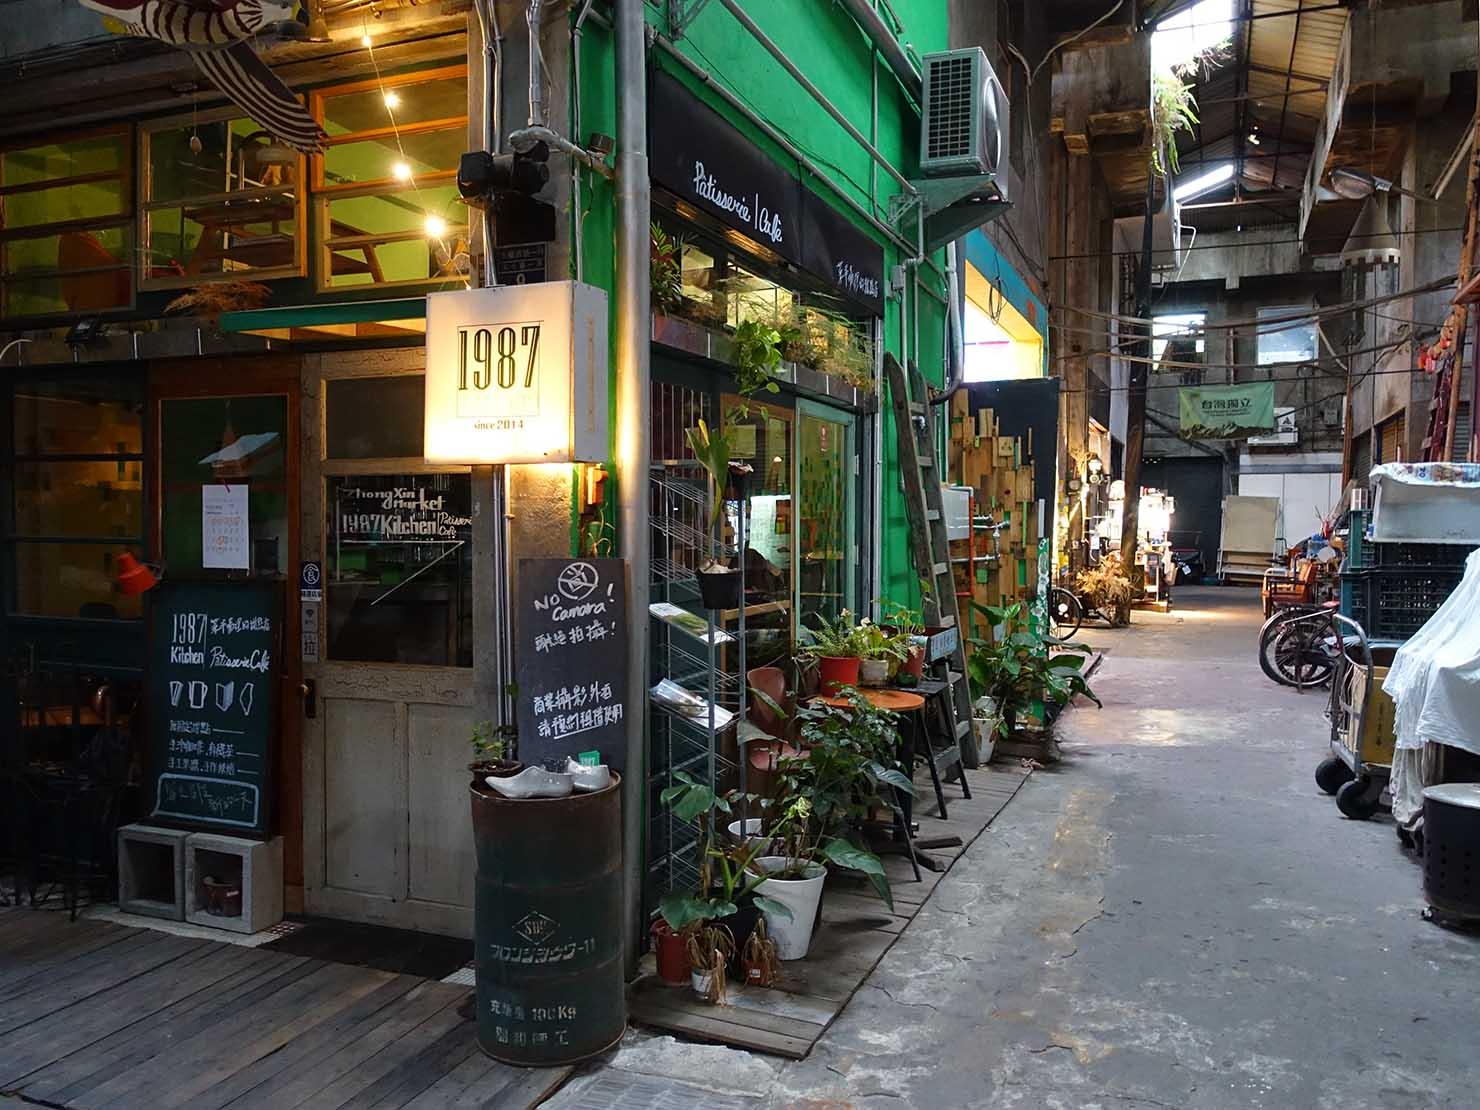 台中観光のおすすめスポット「忠信市場」のレストラン